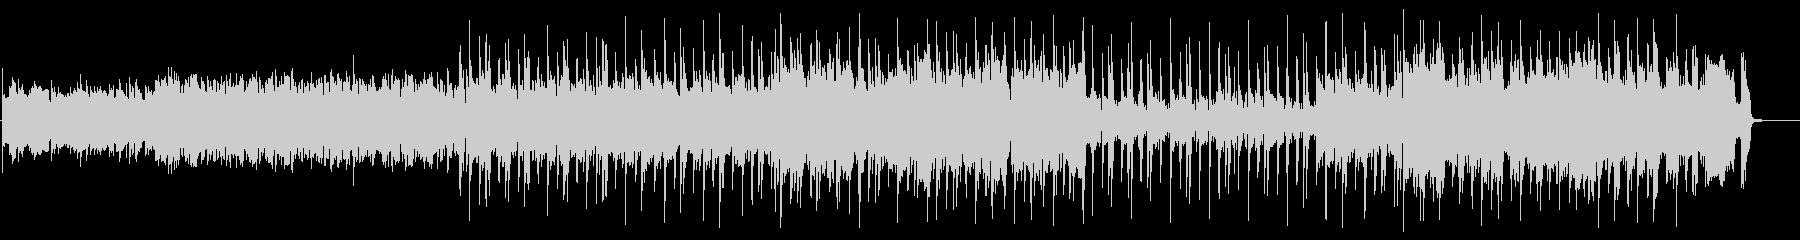 ケルト音楽/明るく元気アップテンポ民族風の未再生の波形